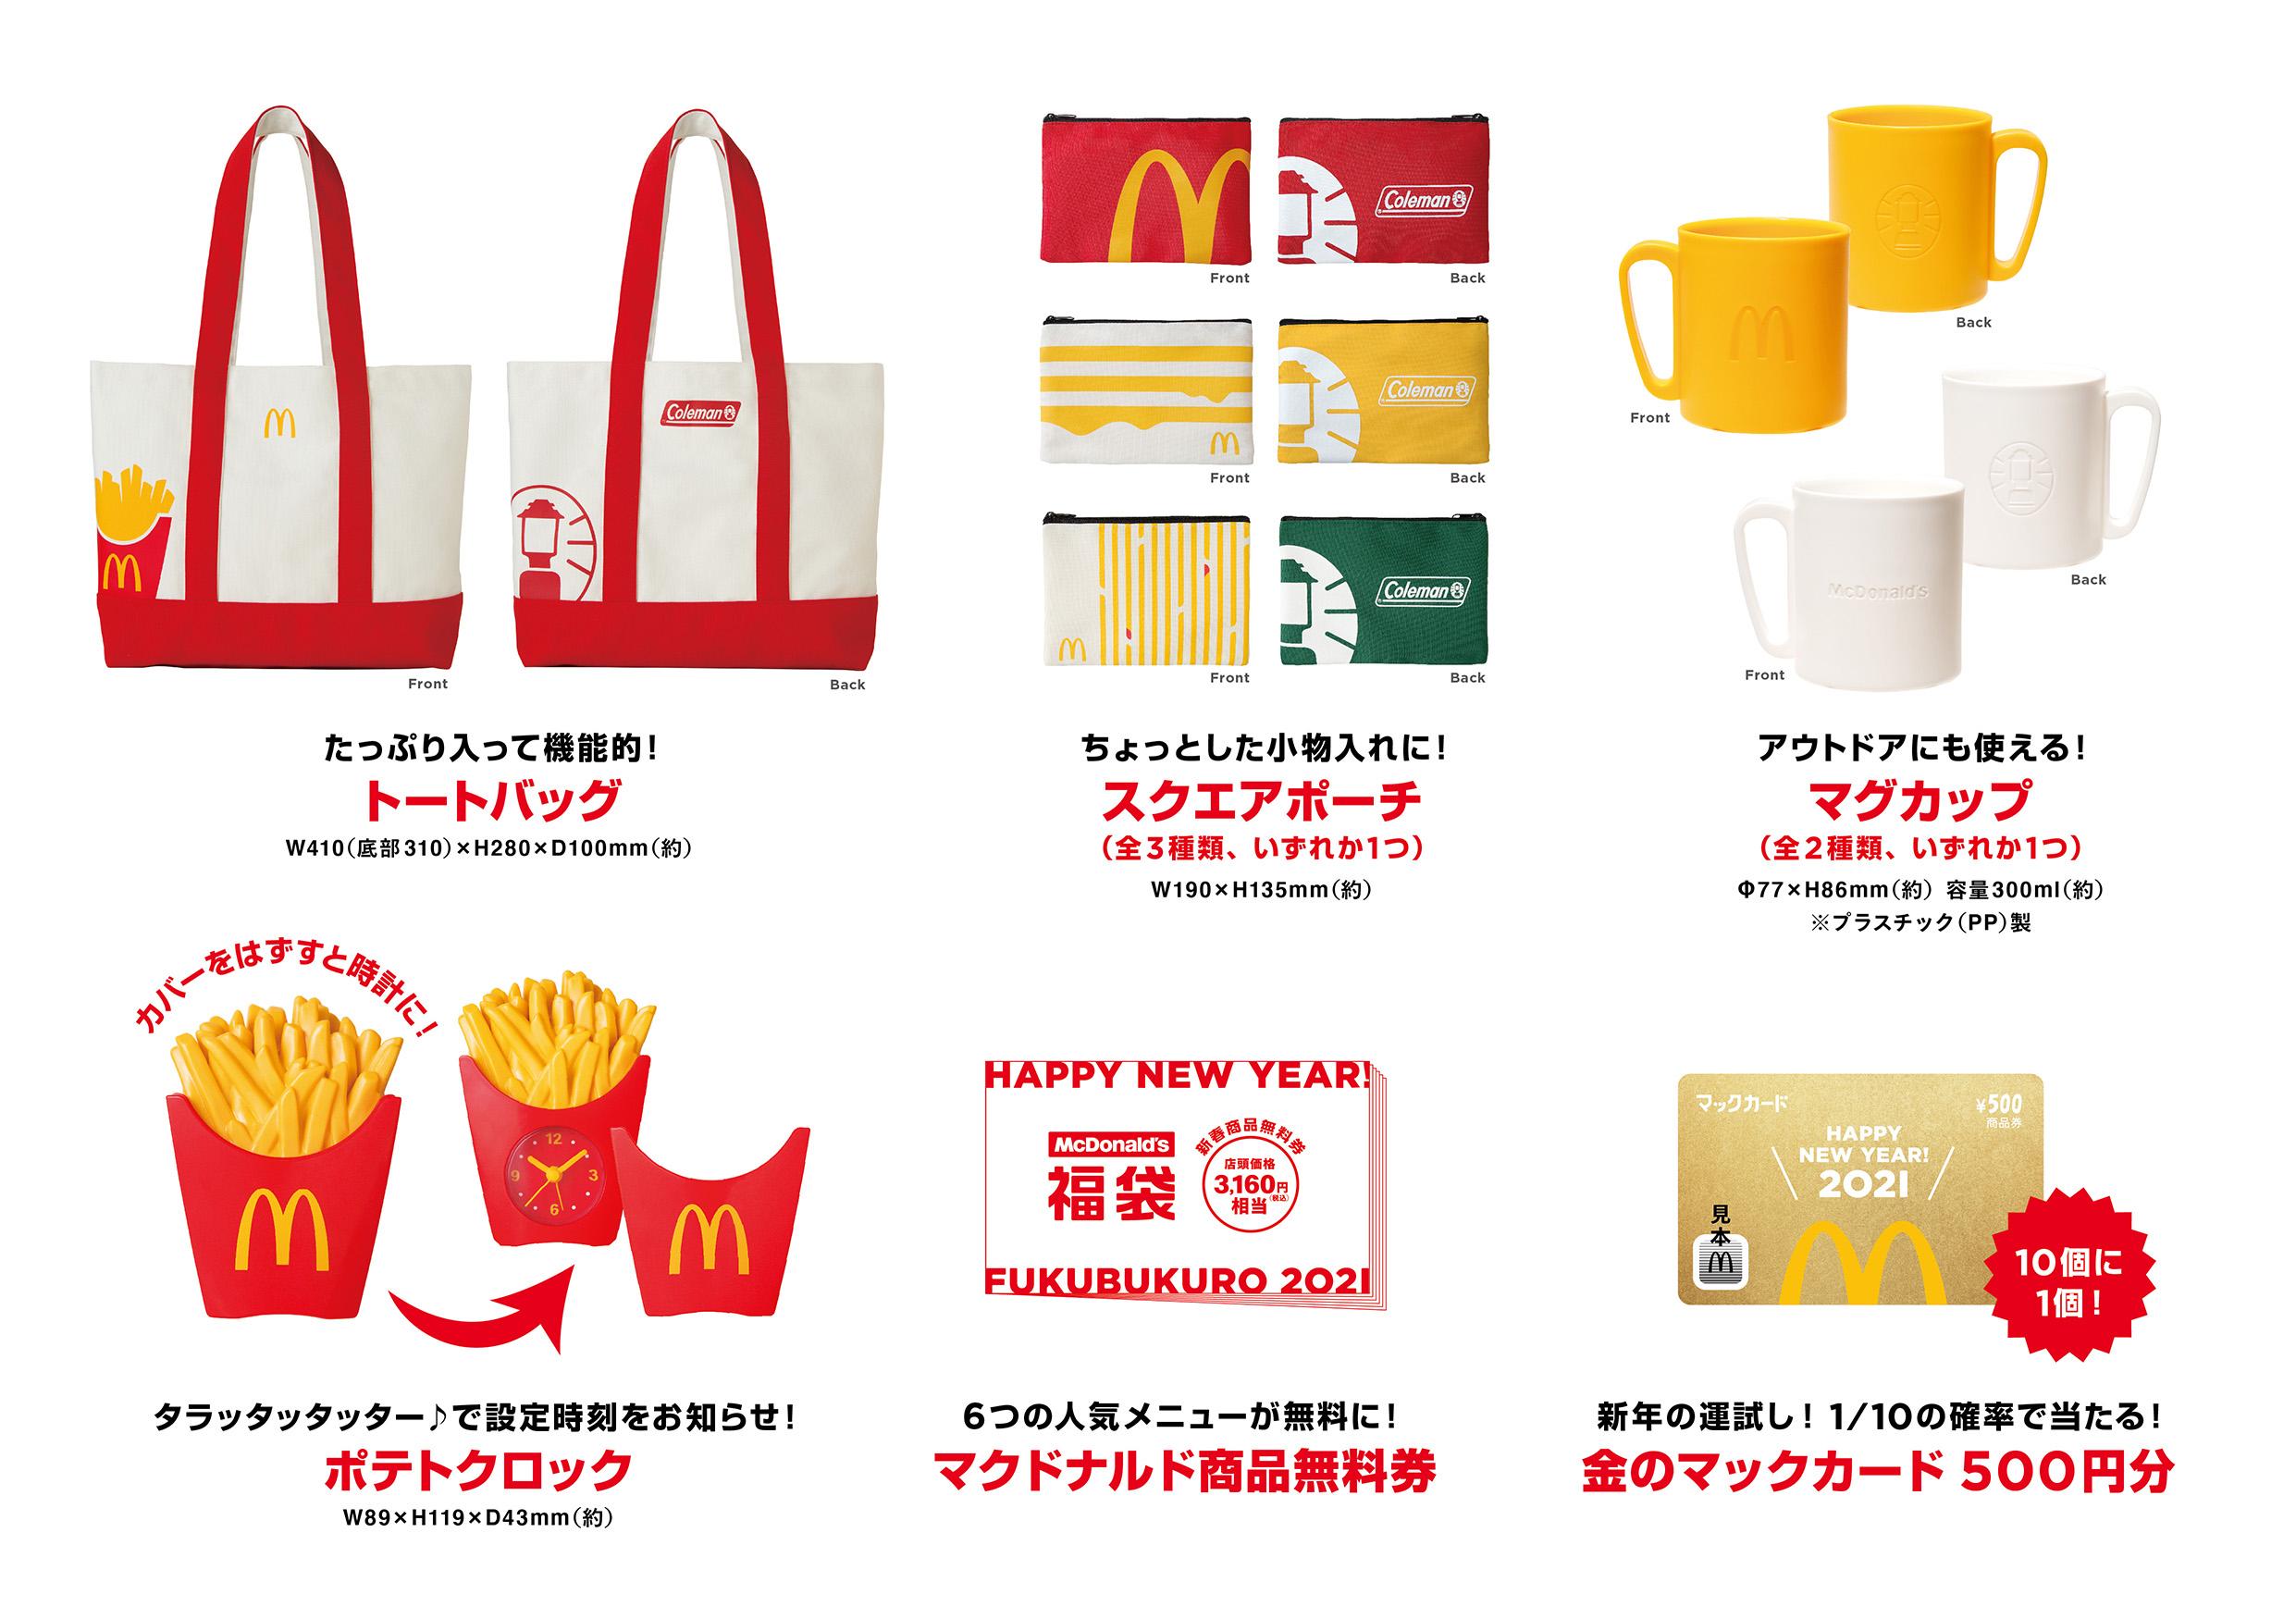 マクドナルドの福袋2021」はコールマンとのスペシャルコラボレーション!|Coleman Japan Co., Ltd.のプレスリリース